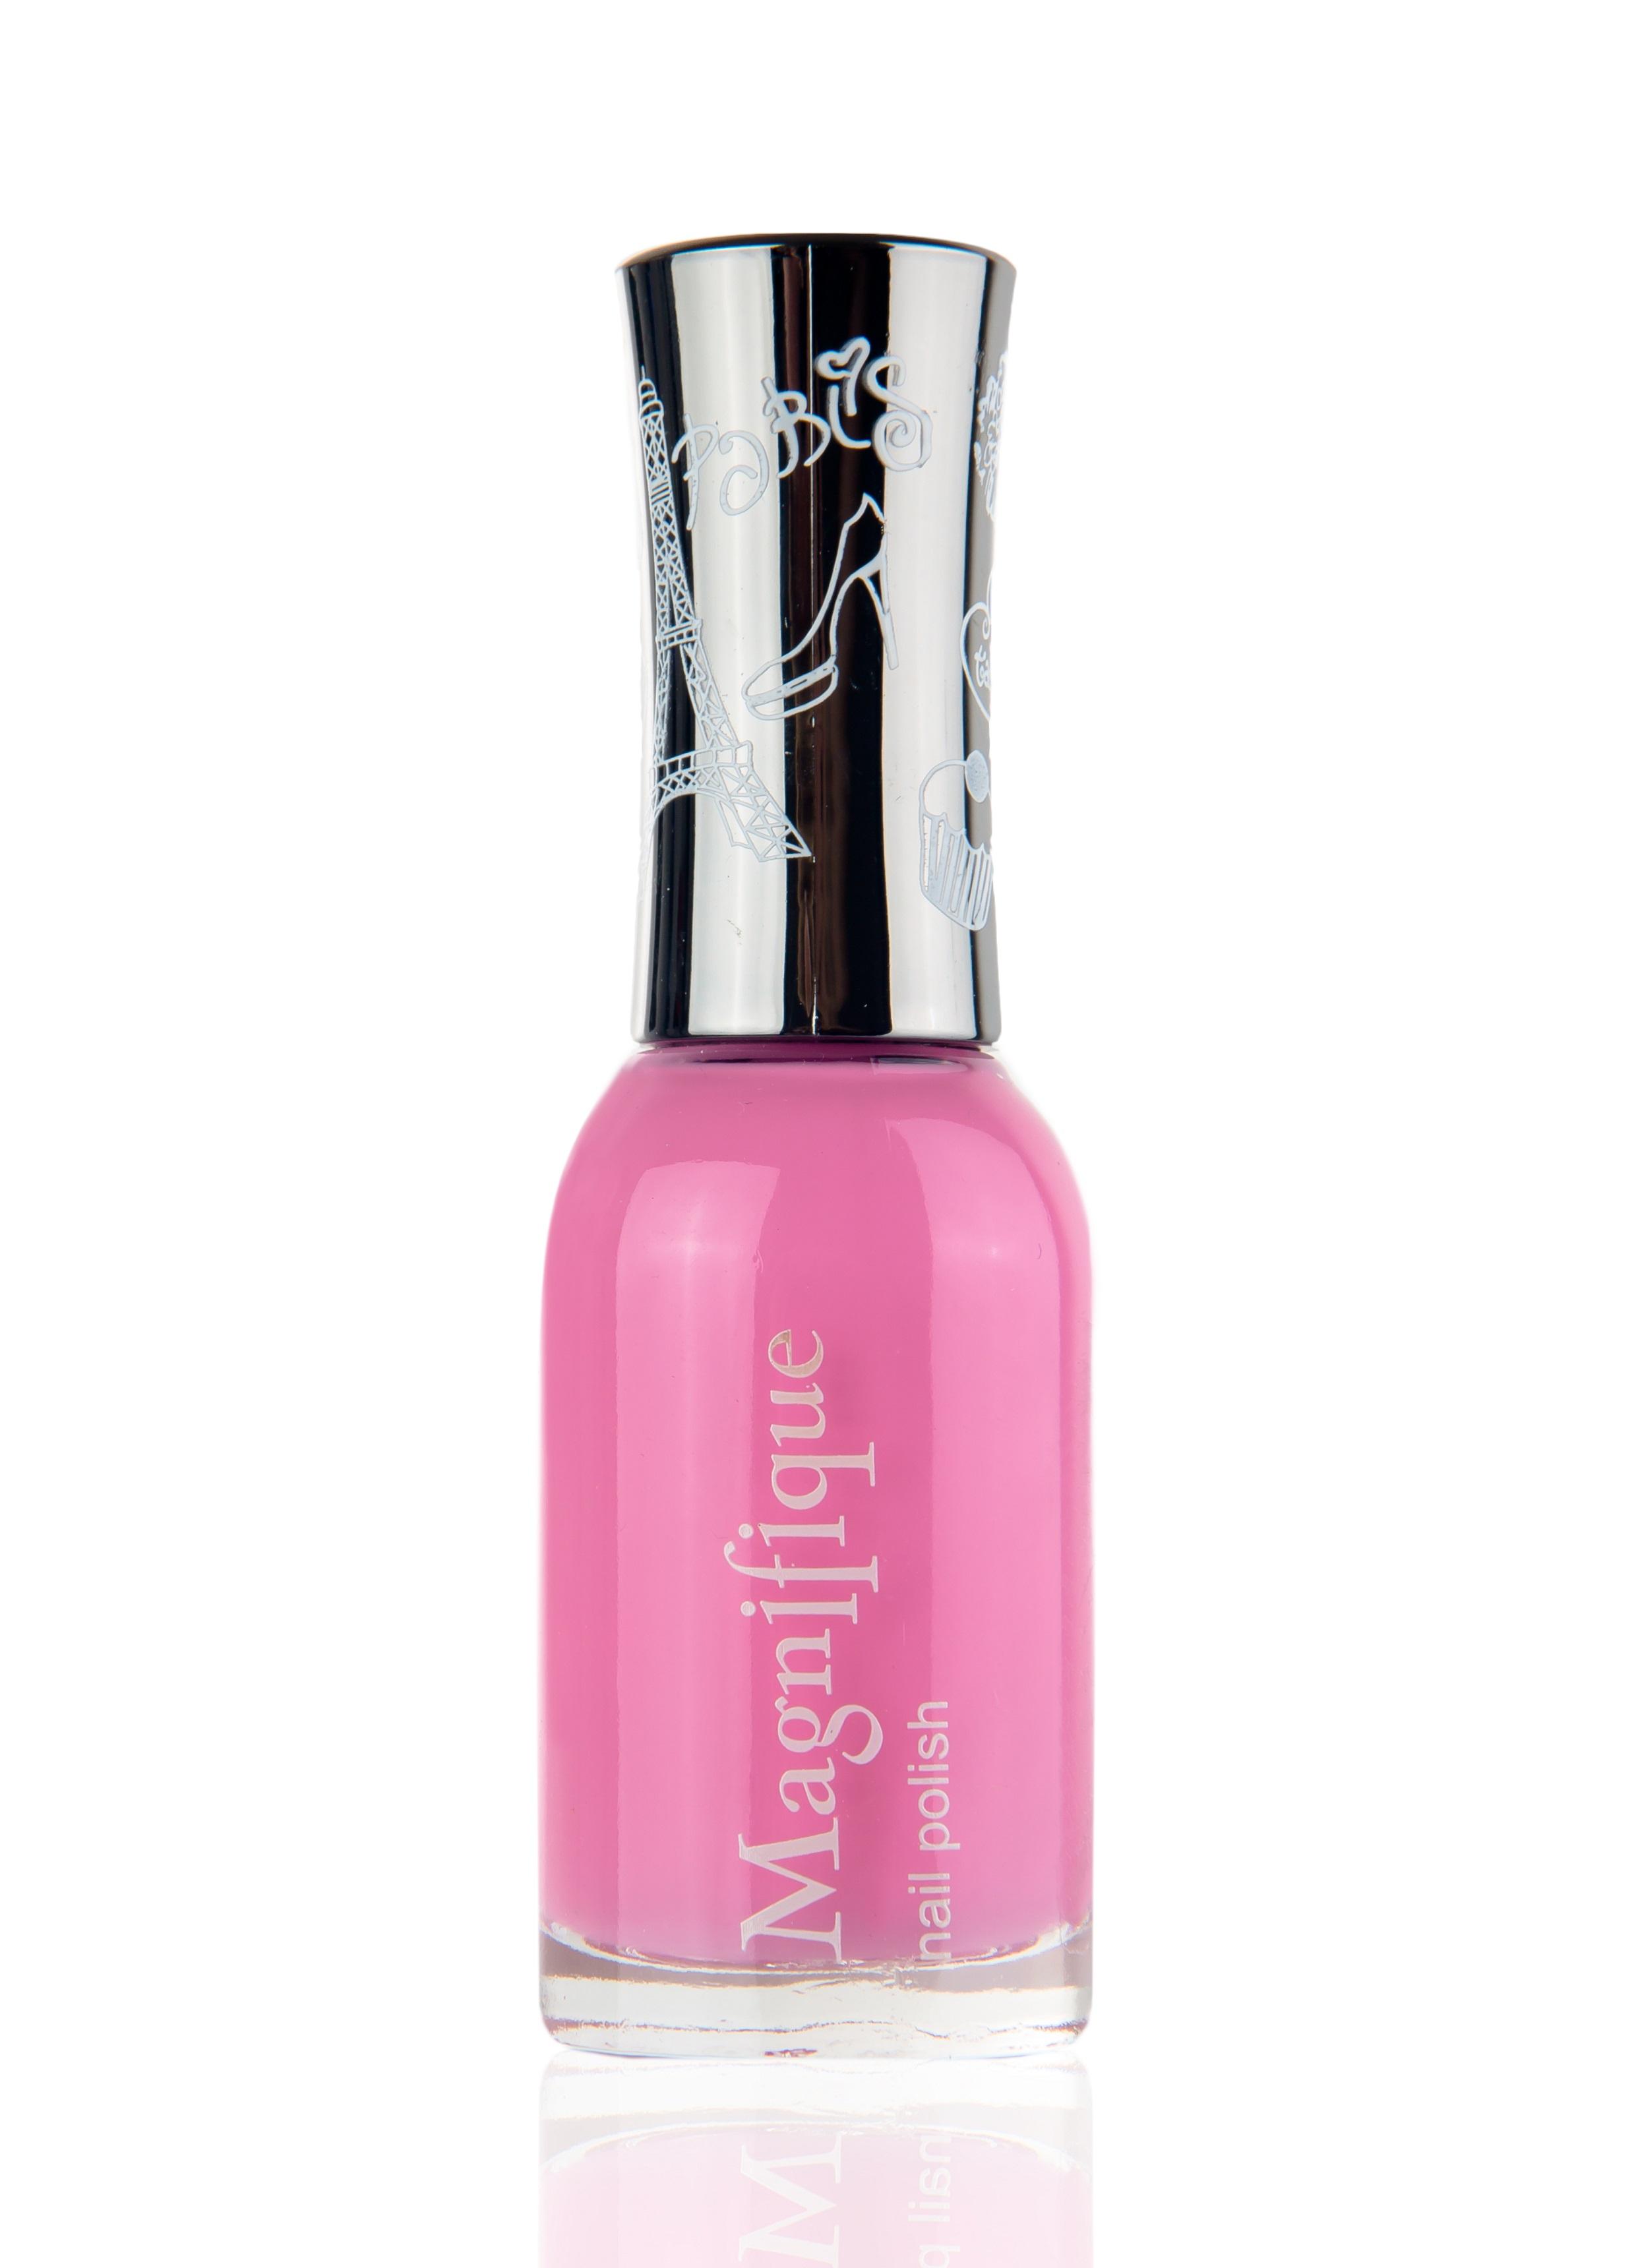 Купить AURELIA 112 лак для ногтей / Magnifique GEL effect 13 мл, Розовые